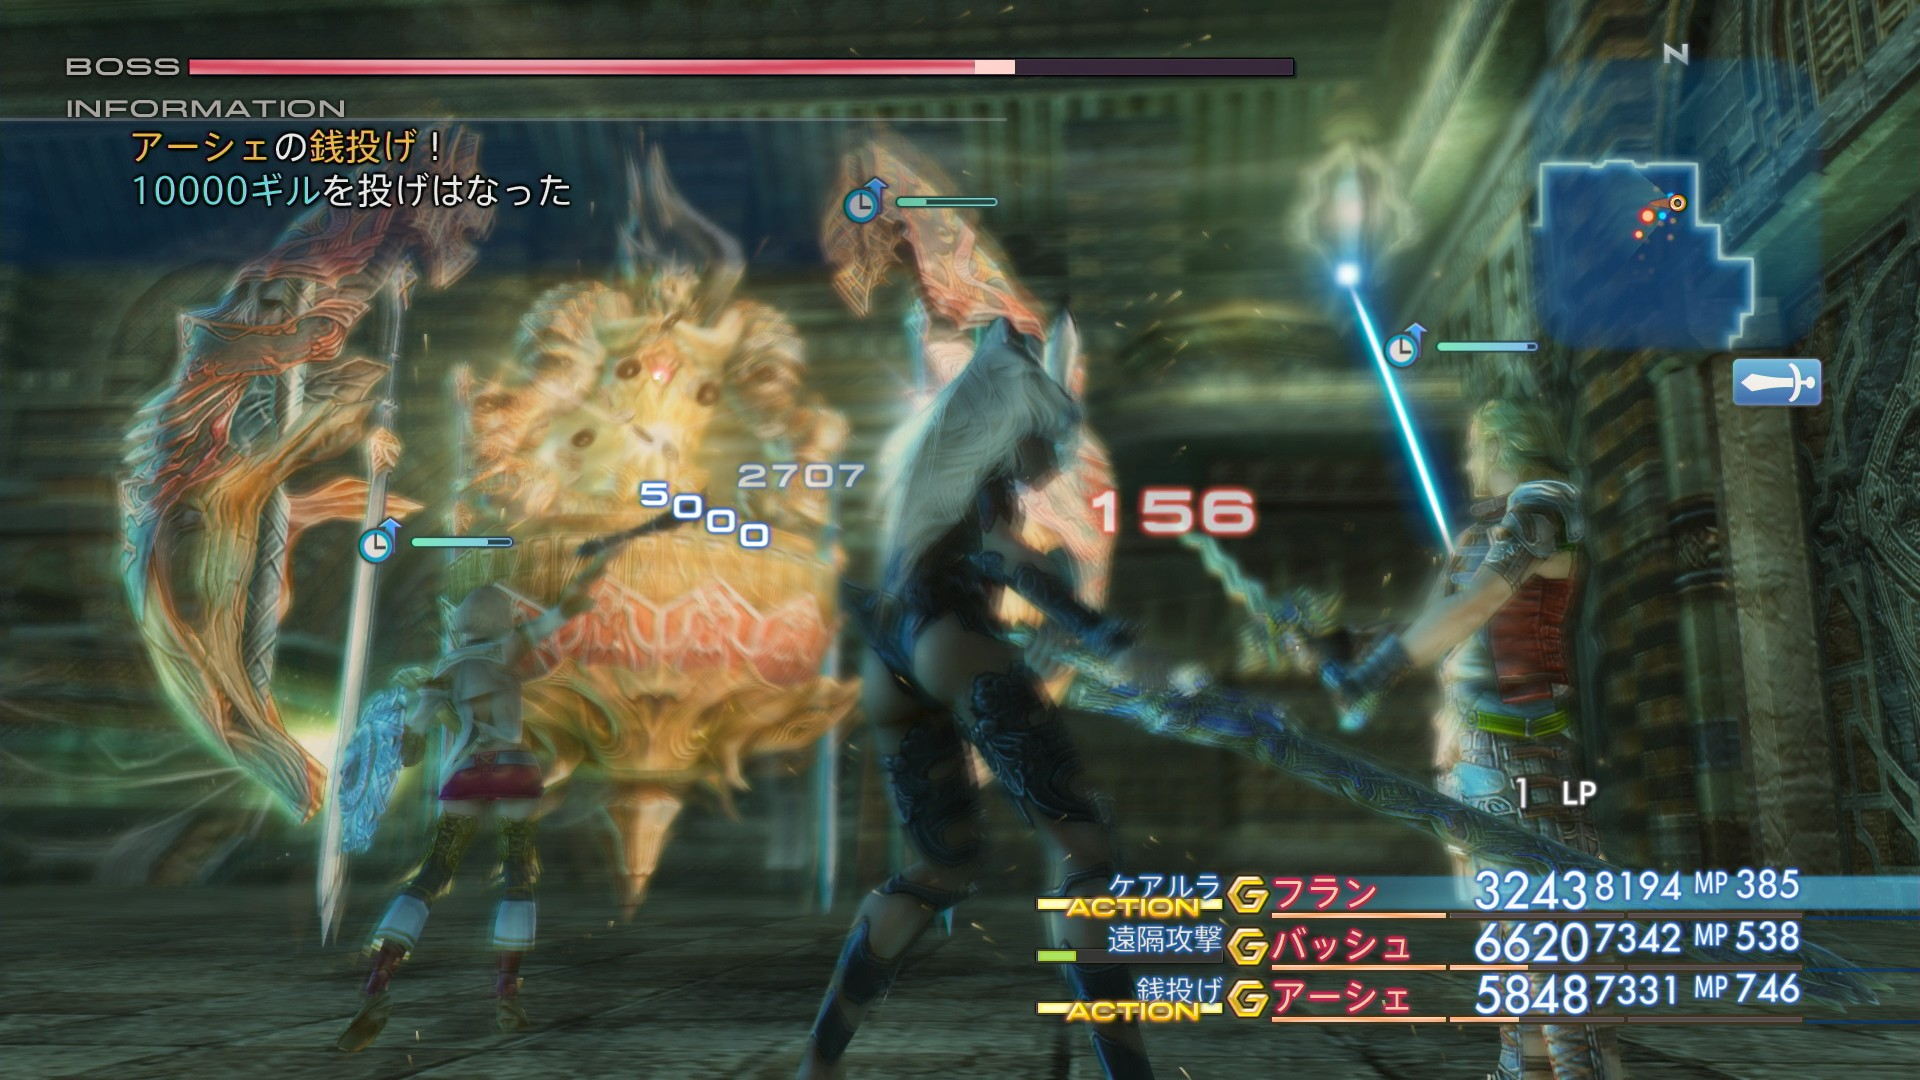 Lov, klany a nepřátelé z Final Fantasy XII: The Zodiac Age na screenshotech 146291